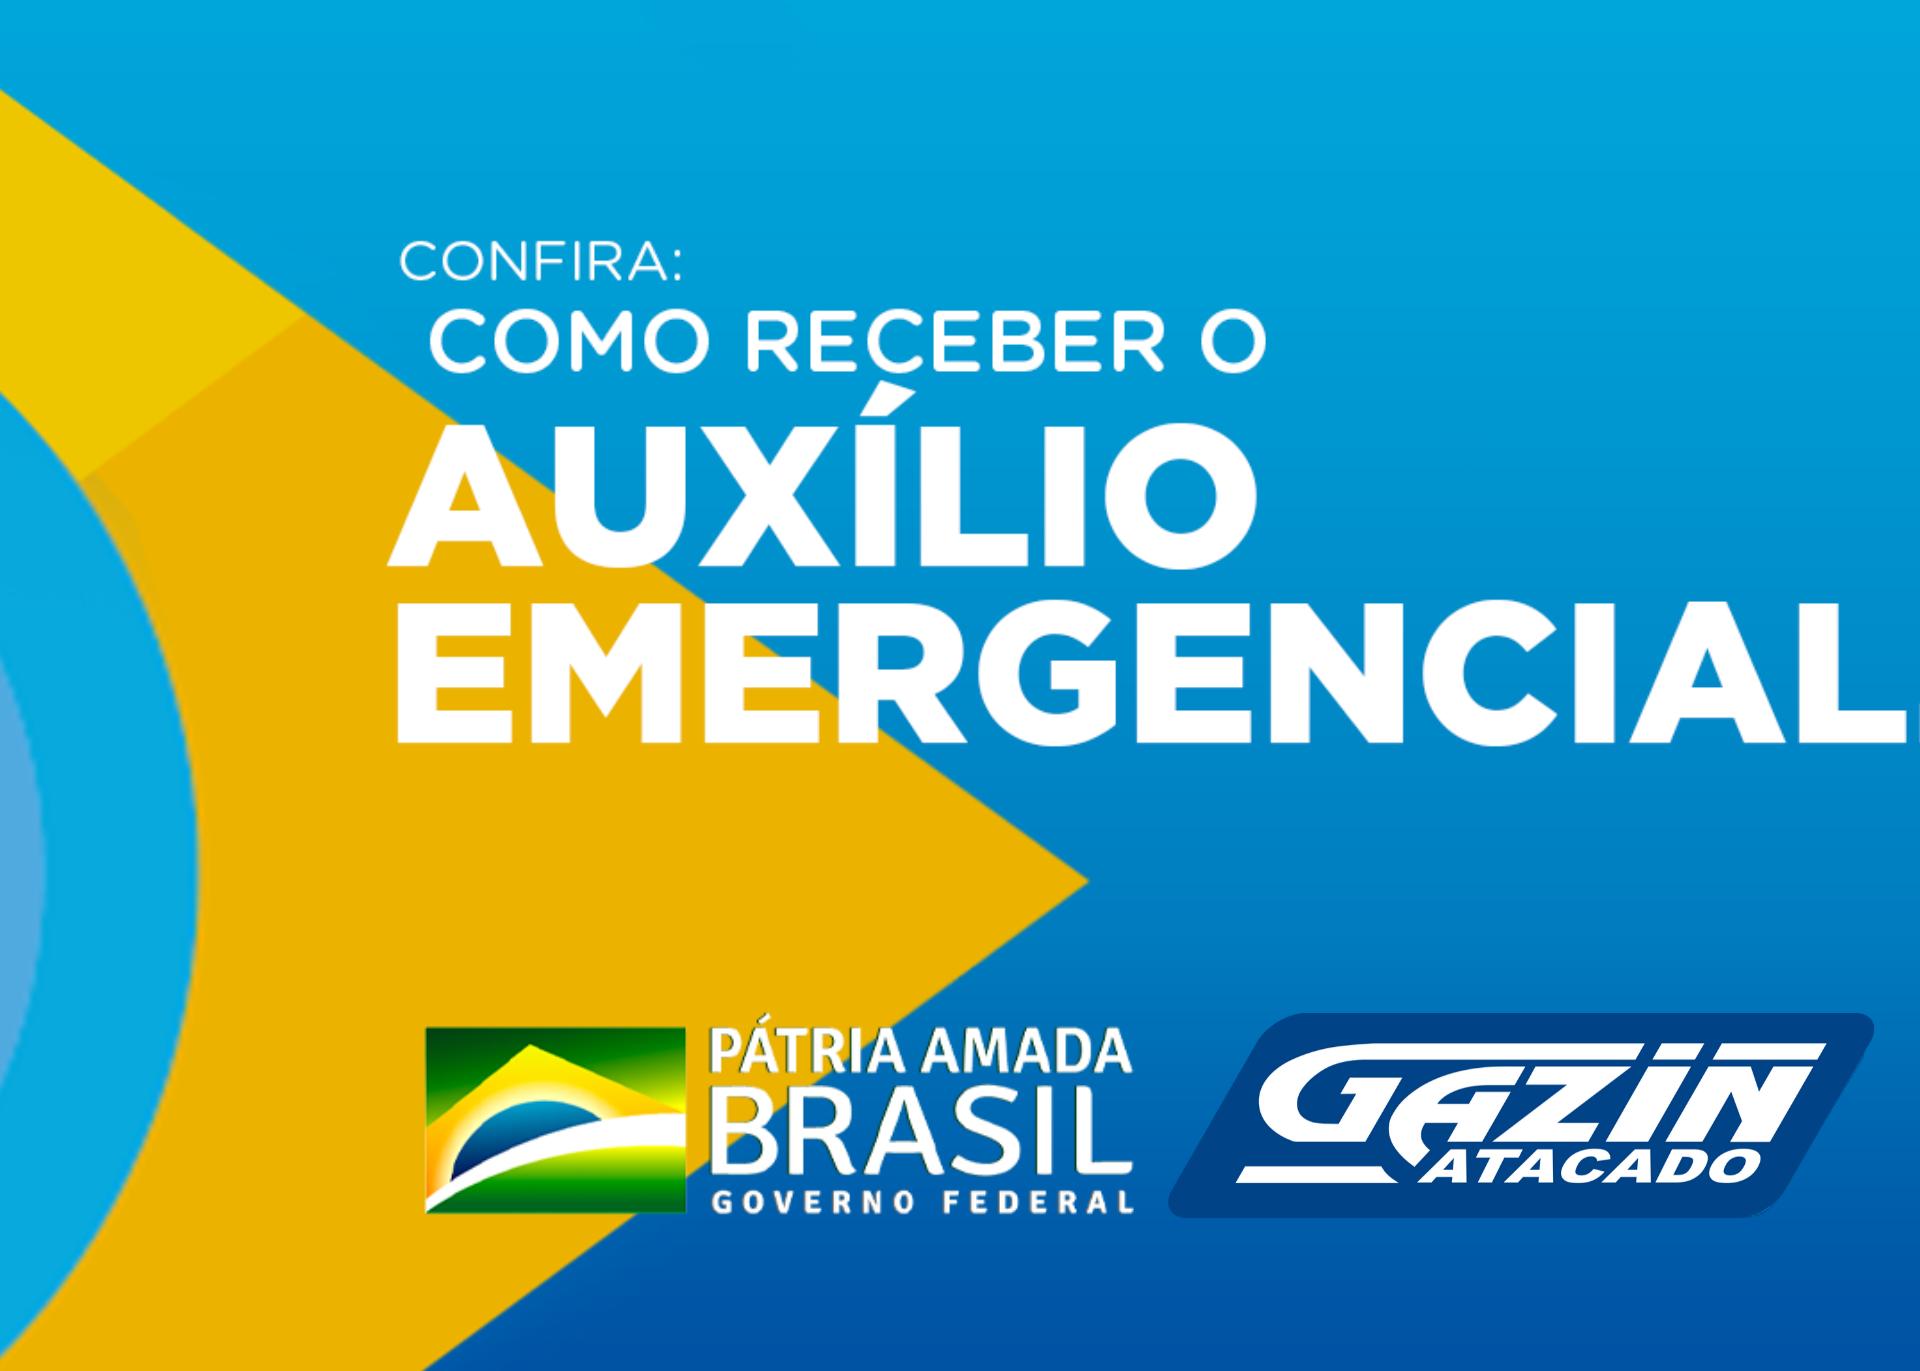 Saiba mais! Auxílio emergencial do Governo Federal